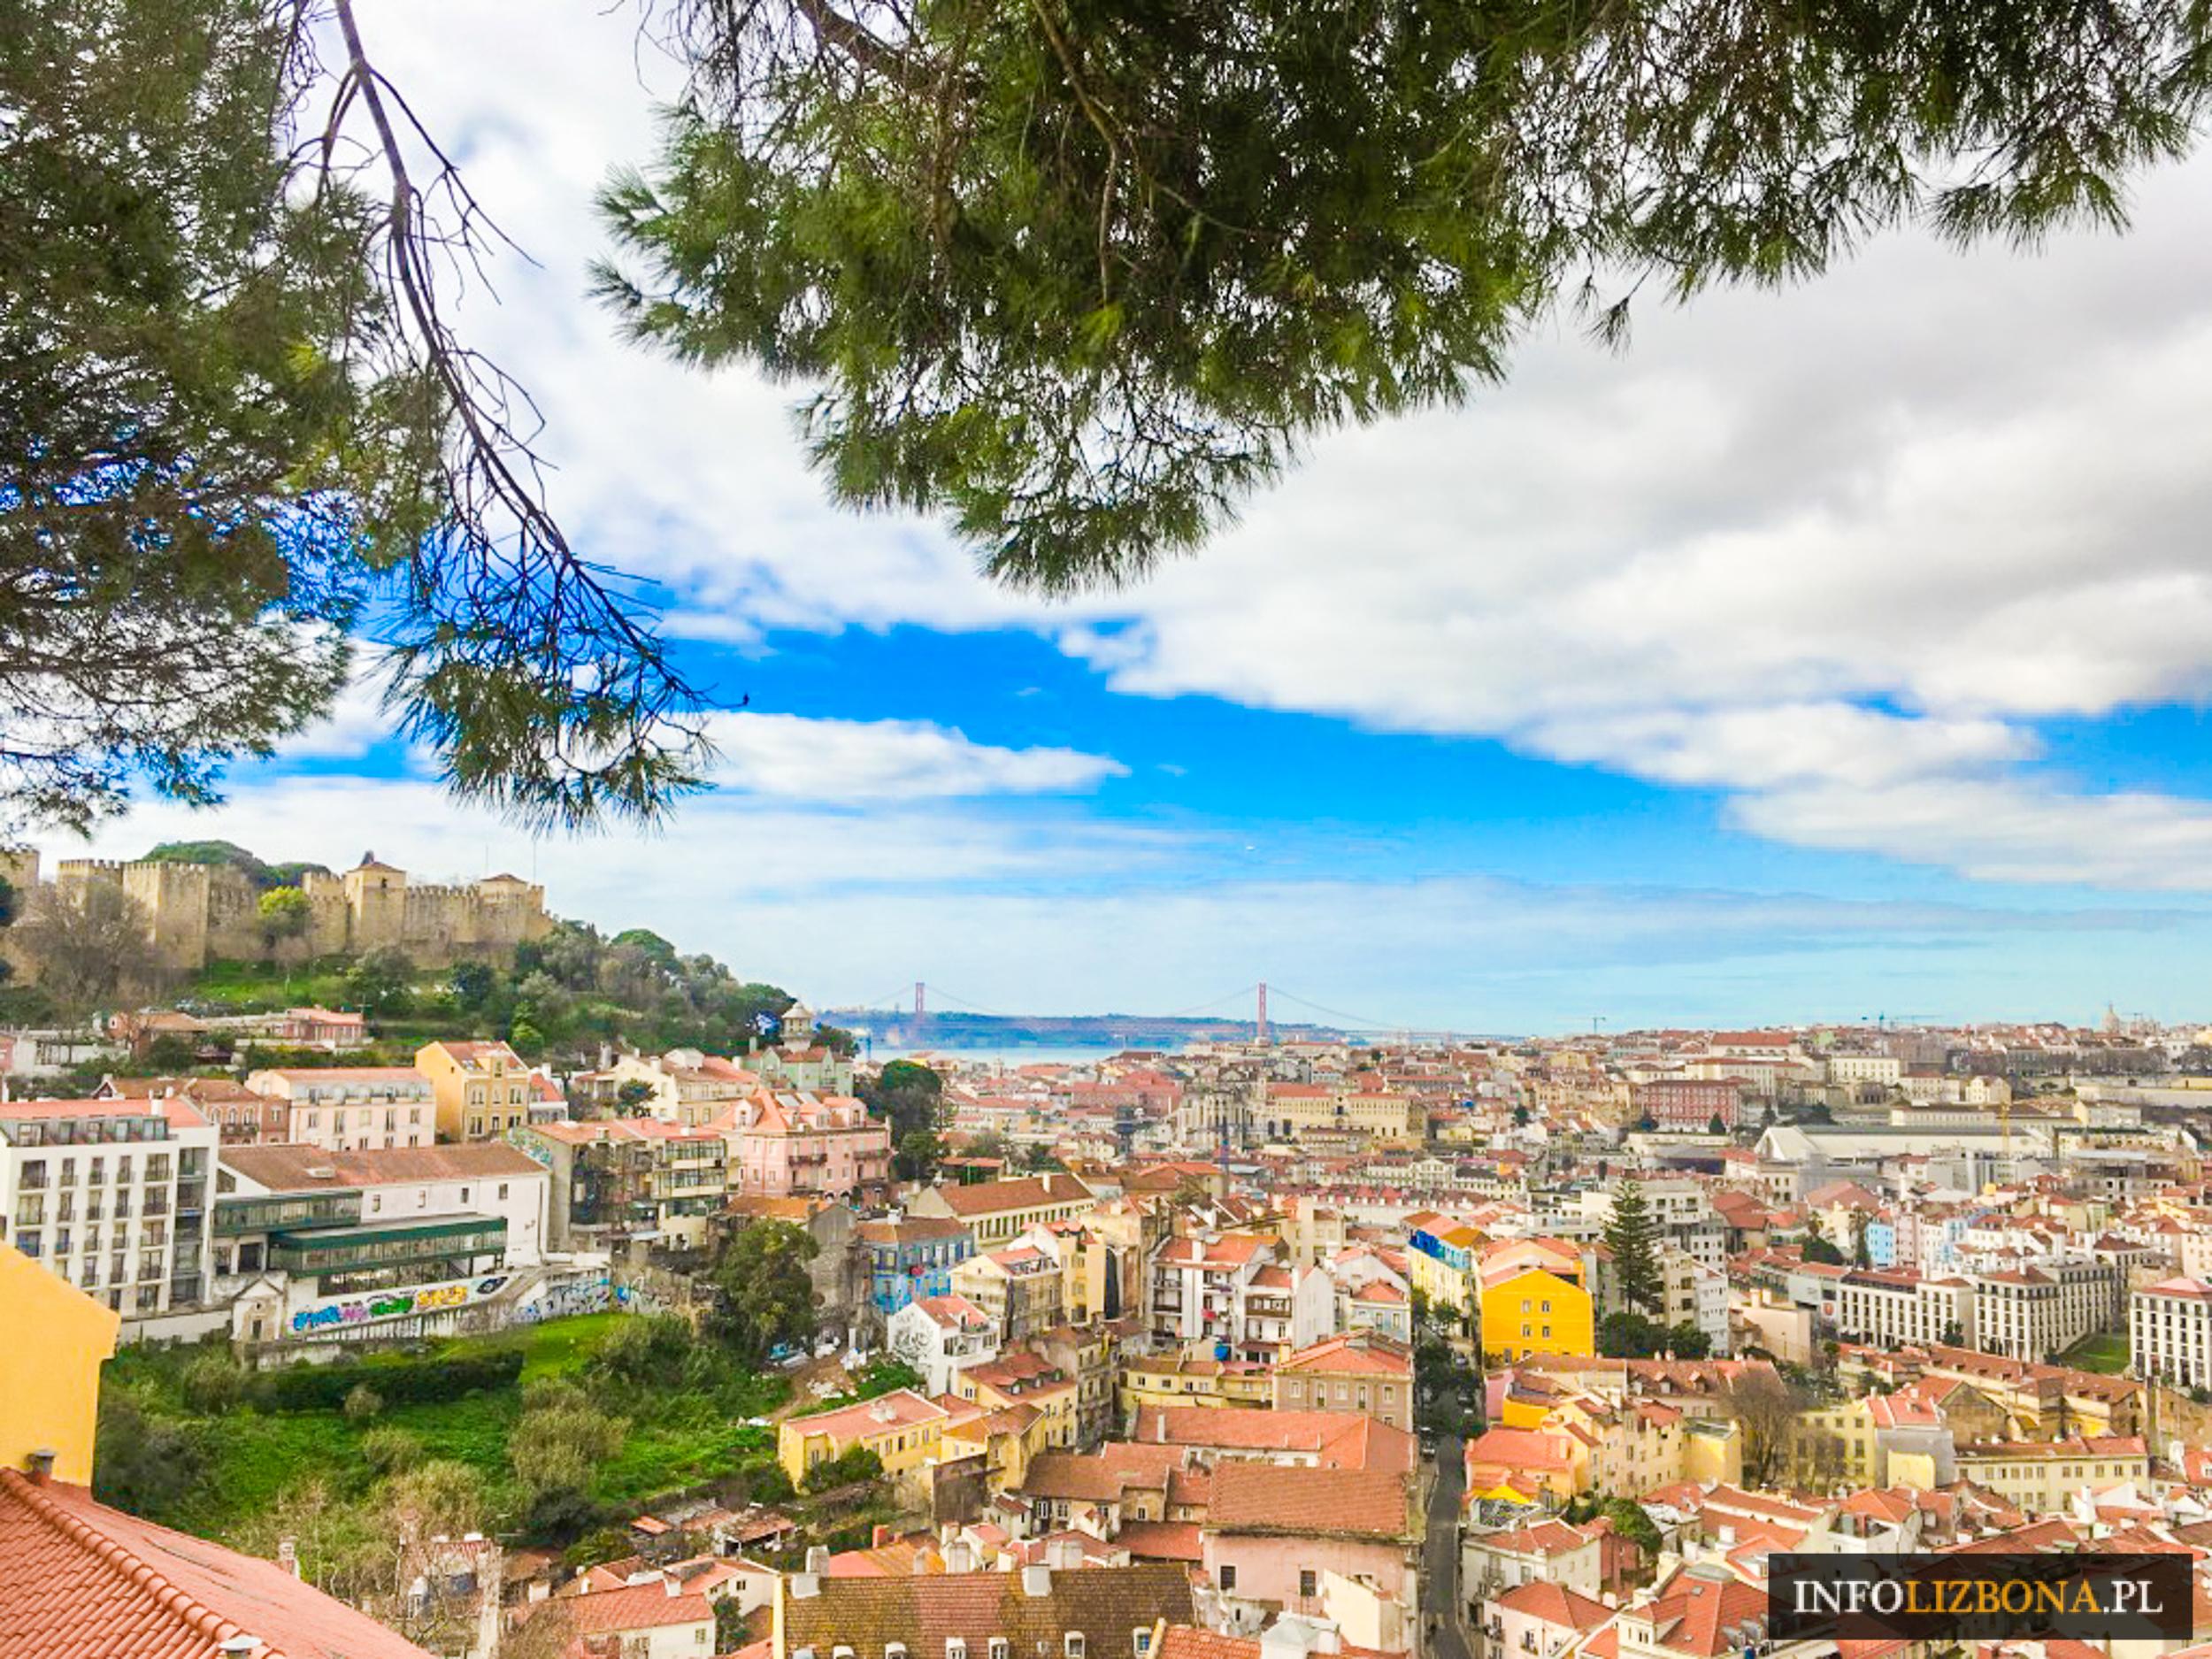 Zlikwidowane loty polska portugalia zima 2019 2020 Lizbona Porto Faro Spis Zestawienie Jak dolecieć do Lizbony Przewodnik